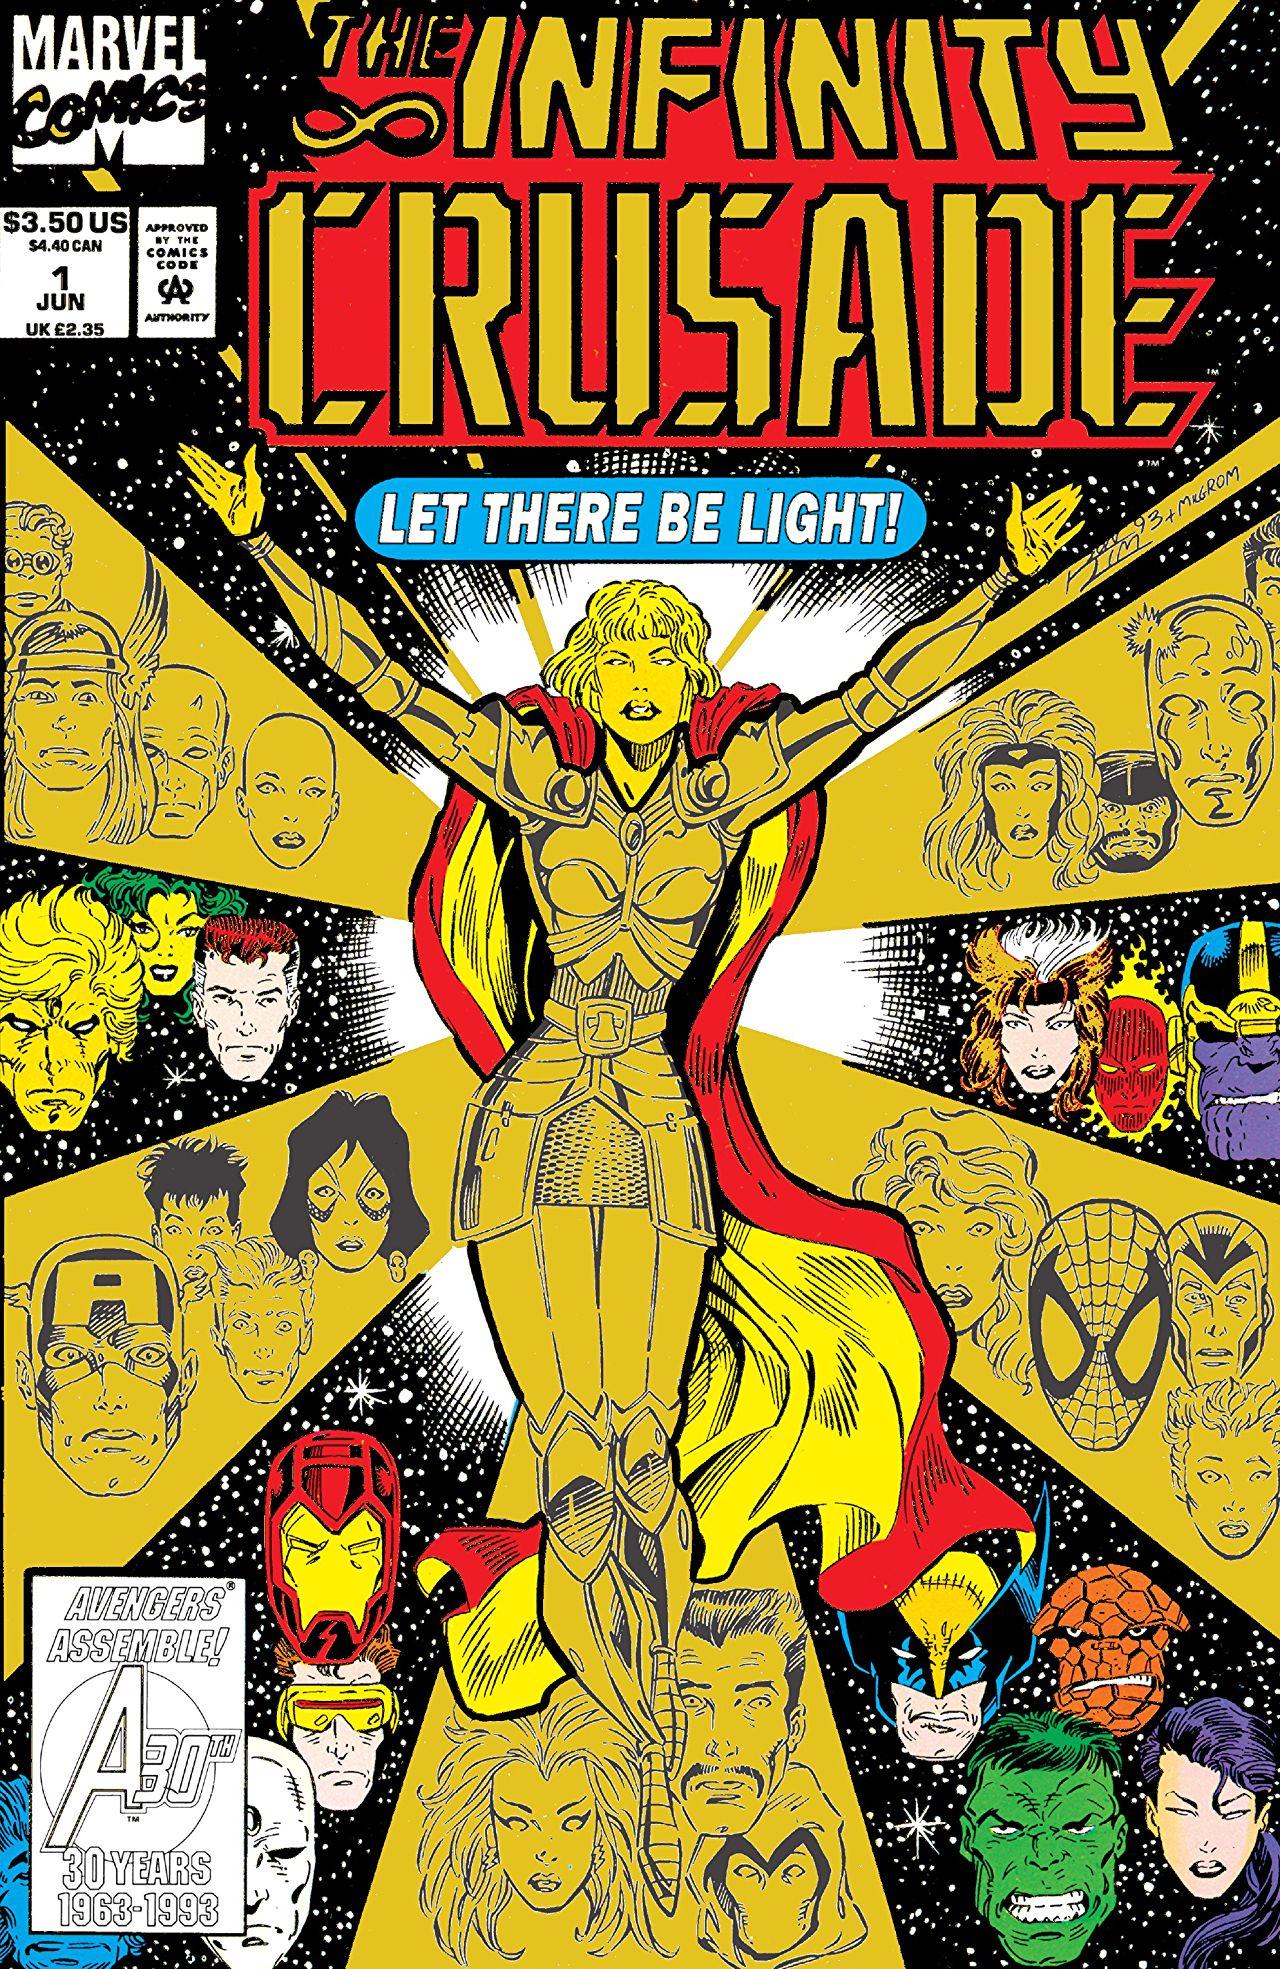 Infinity Crusade Vol 1 1